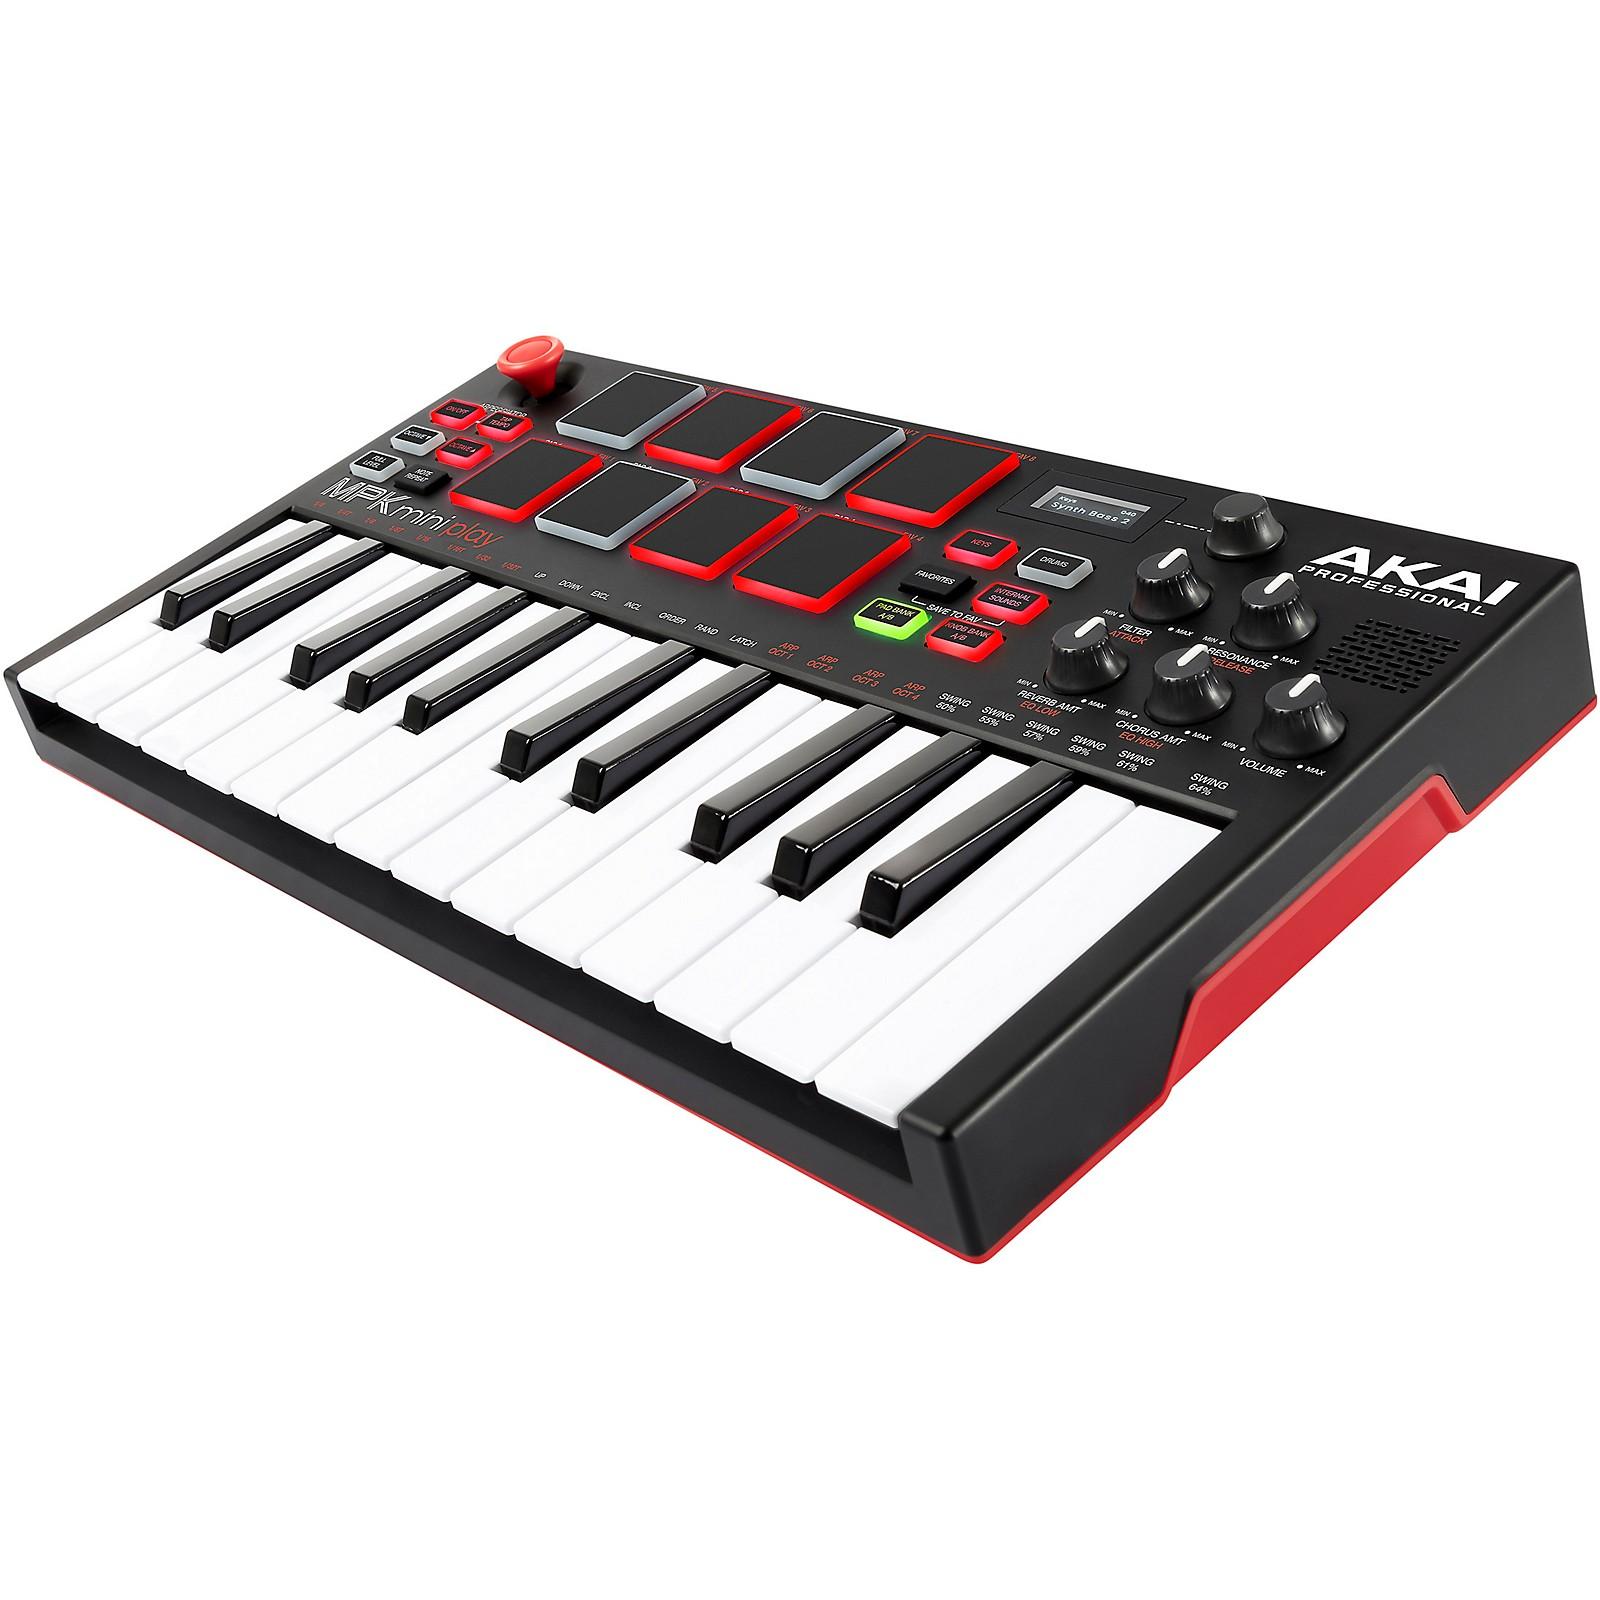 Akai Professional MPK Mini Play Keyboard Controller